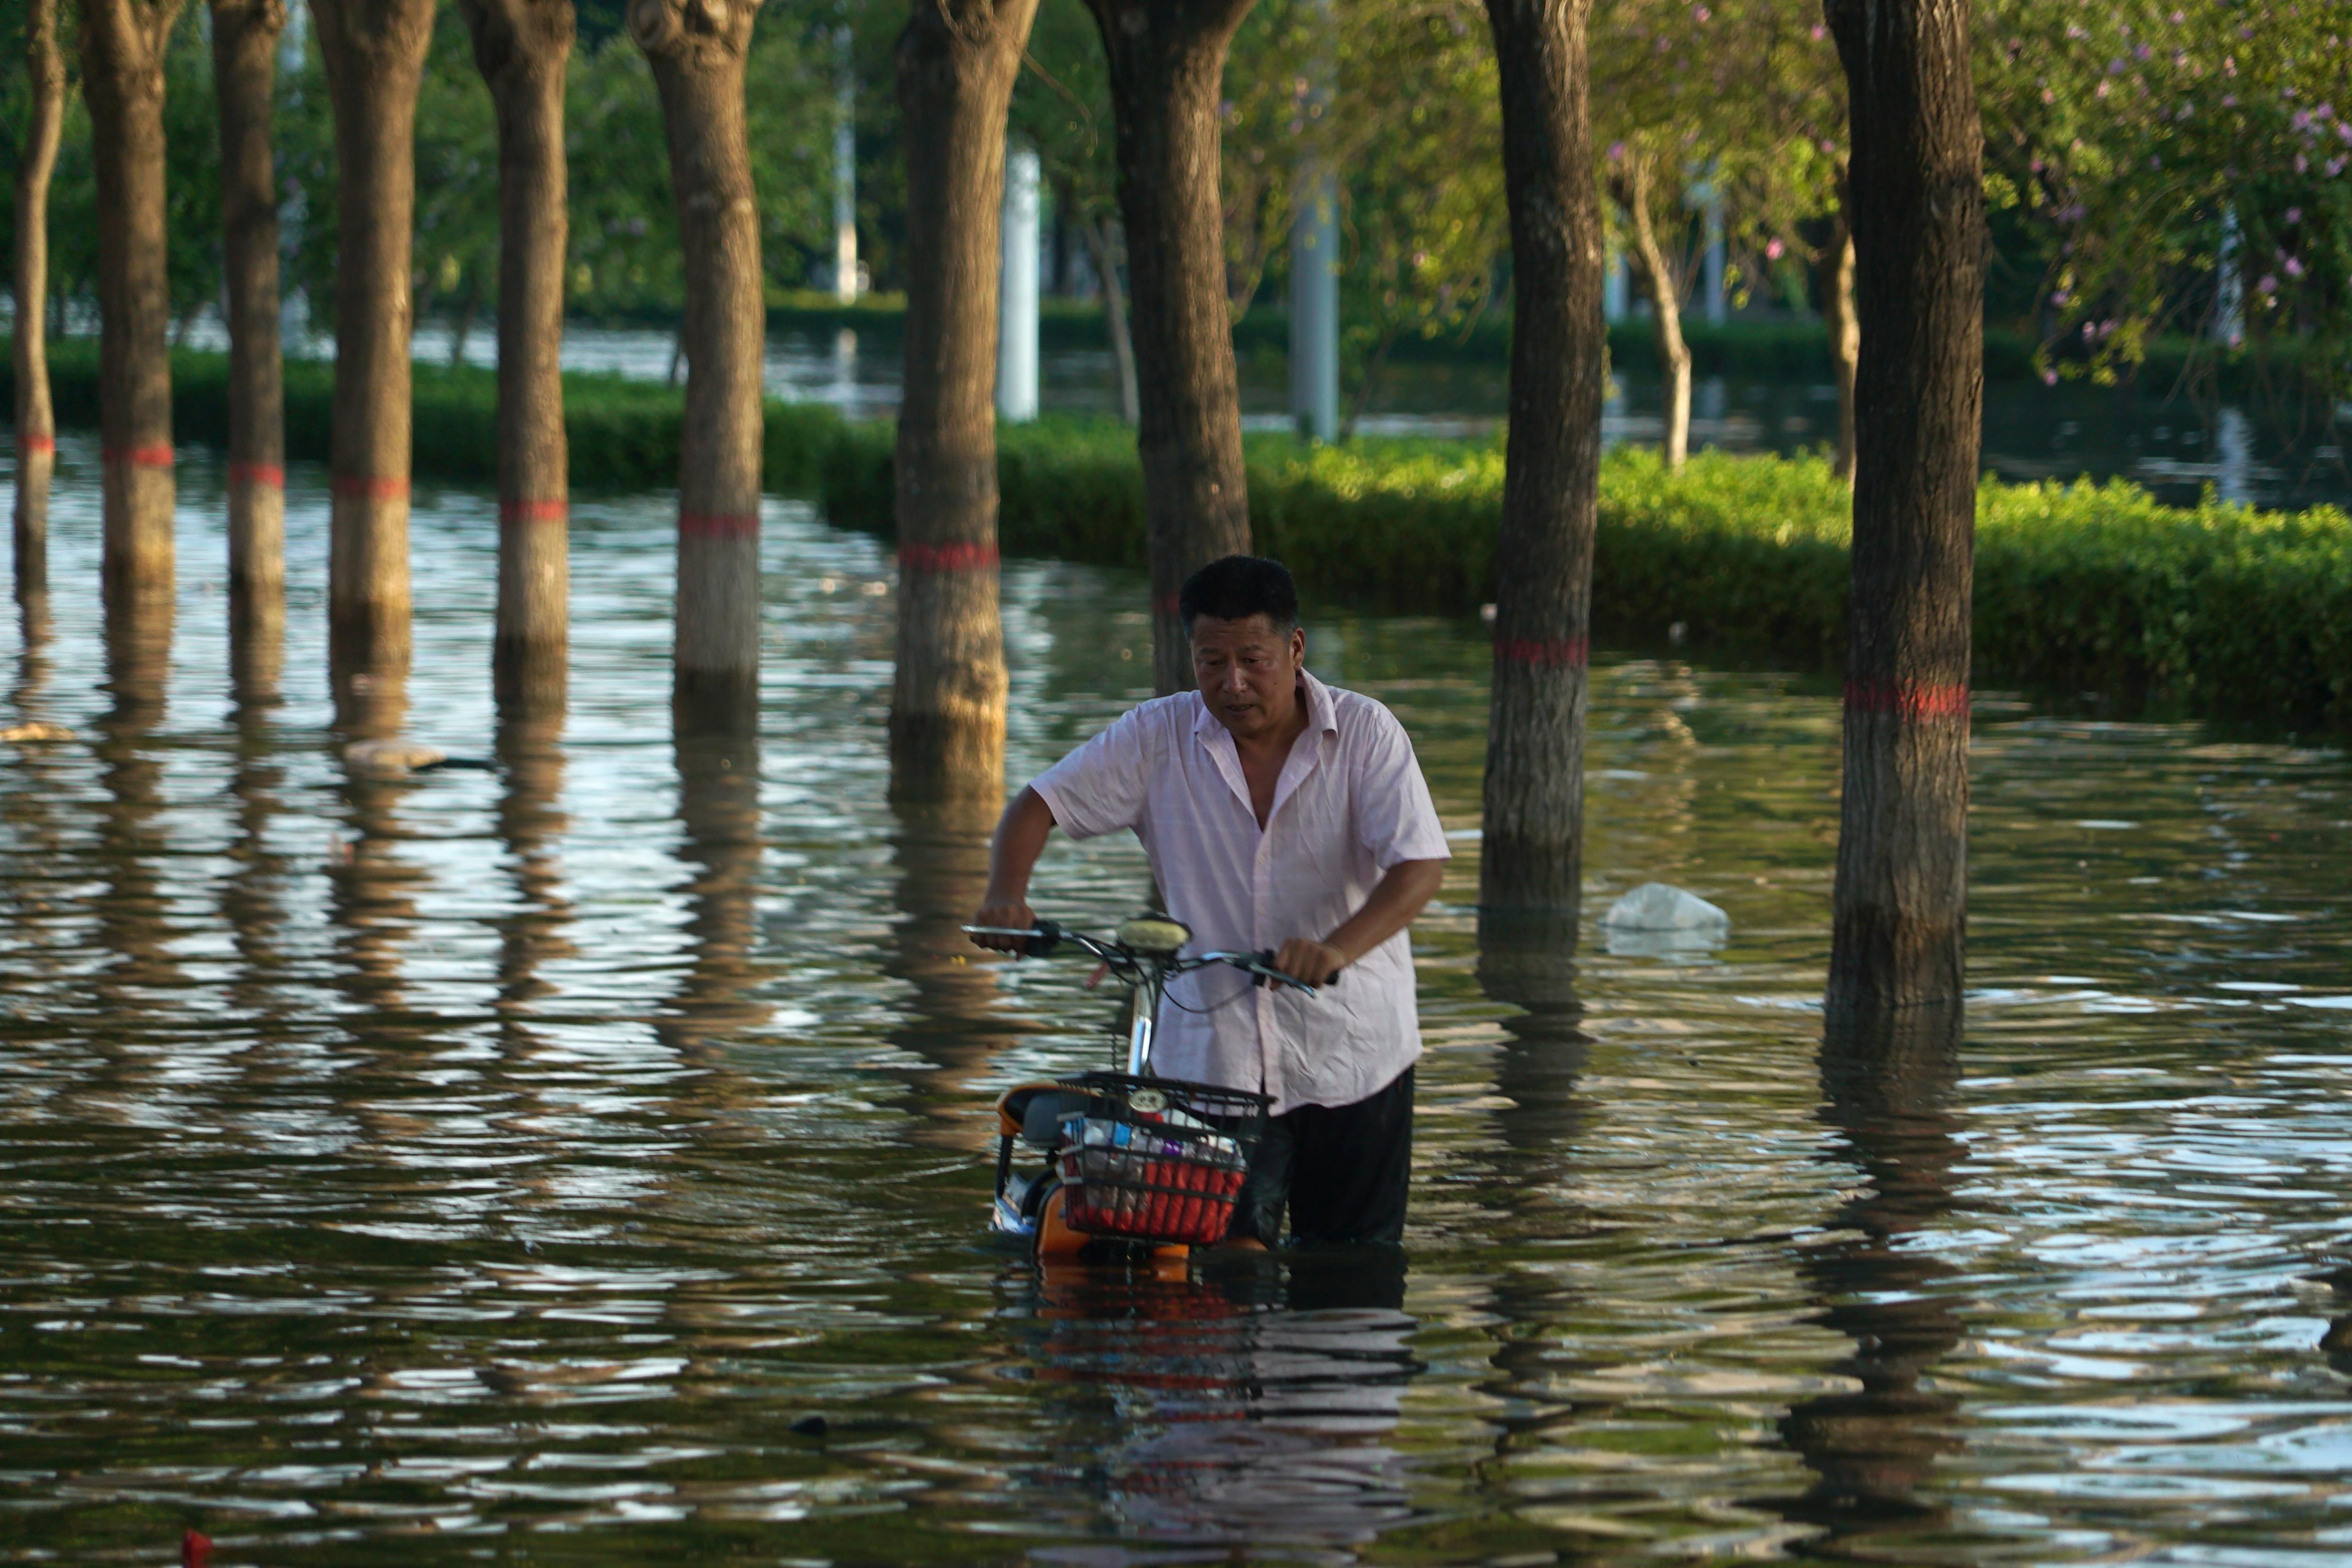 2021年7月,中國河南鄭州發生嚴重洪水,造成慘重死傷與經濟損失(AP)